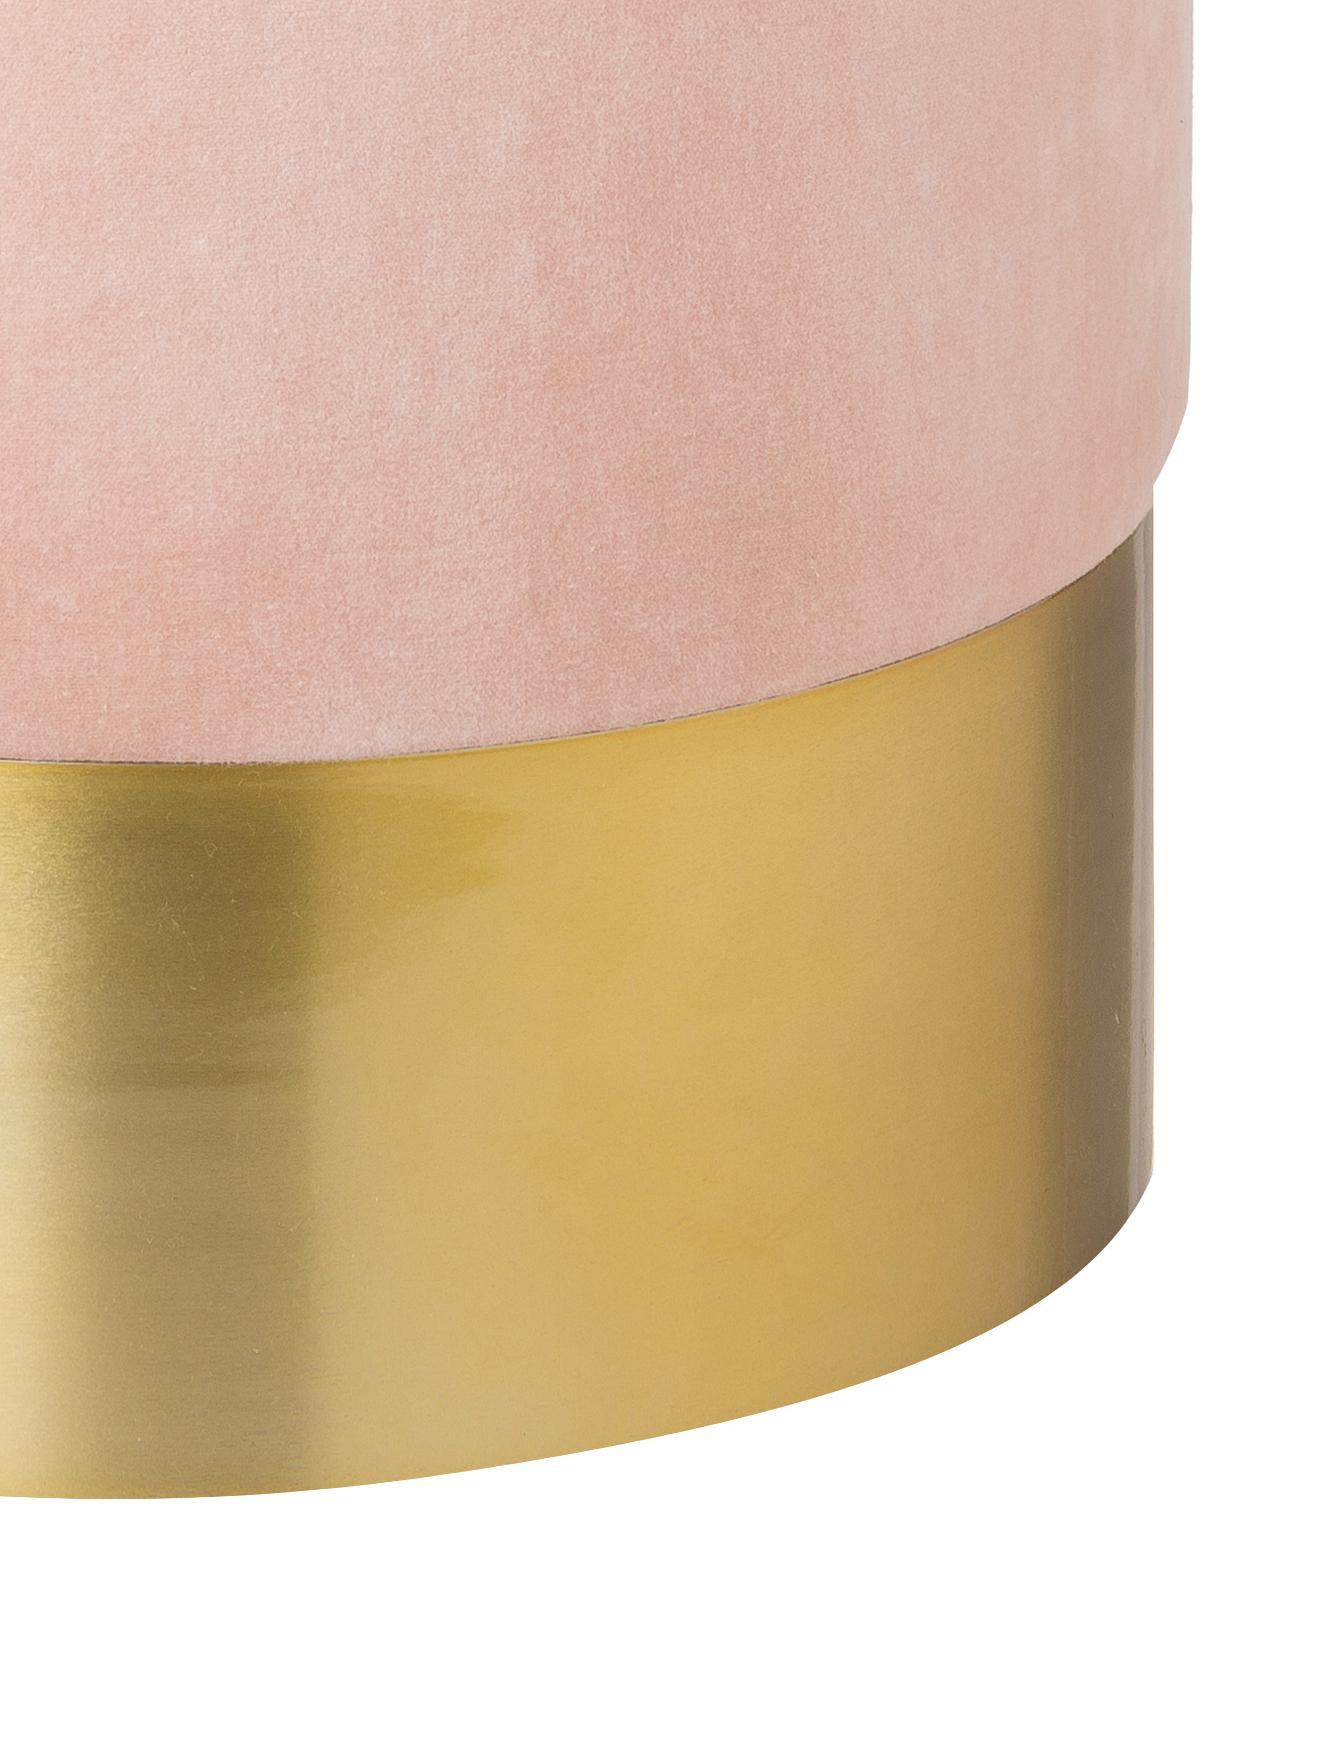 Samt-Hocker Harlow, Bezug: Baumwollsamt, Fuß: Eisen, pulverbeschichtet, Altrosa, Goldfarben, Ø 38 x H 42 cm